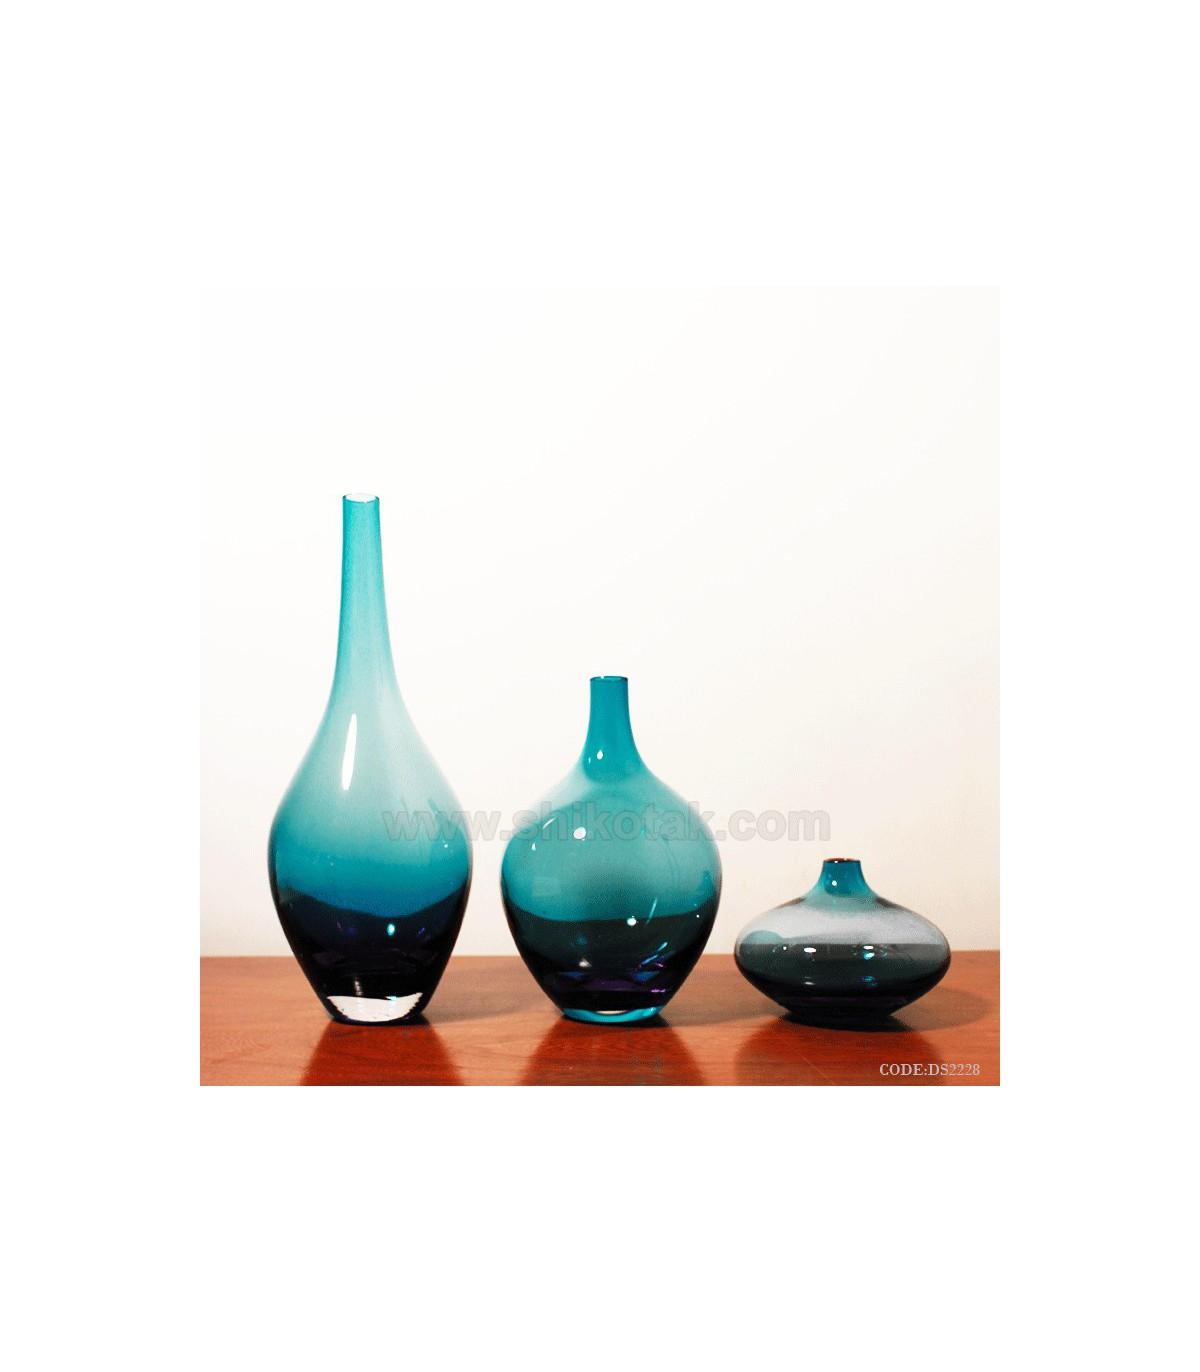 گلدان های سالونگ آبی